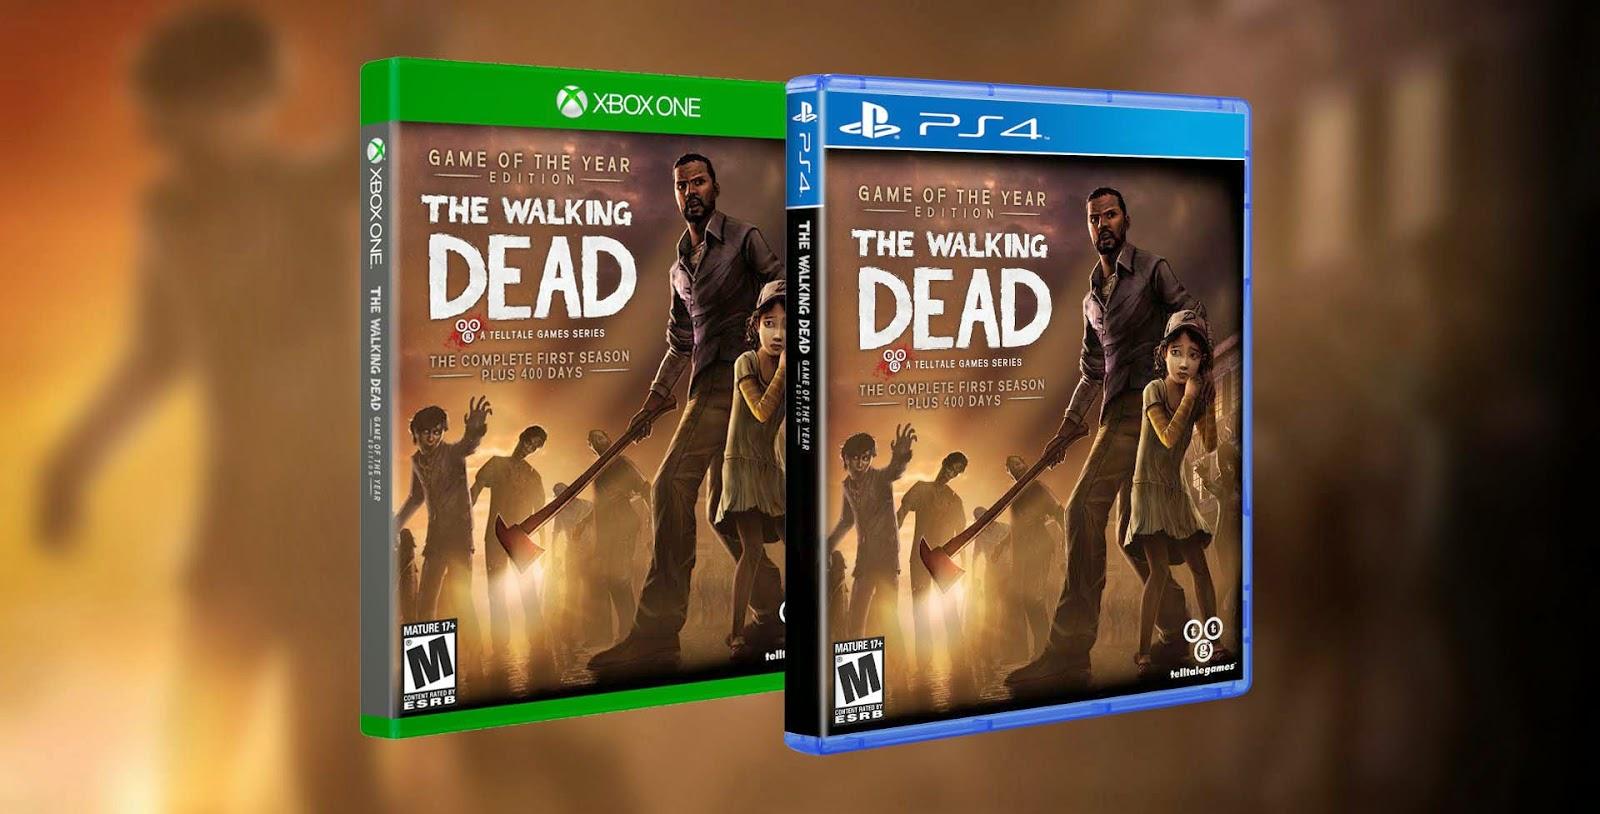 Купить игру The Walking Dead на Xbox One можно будет уже в октябре